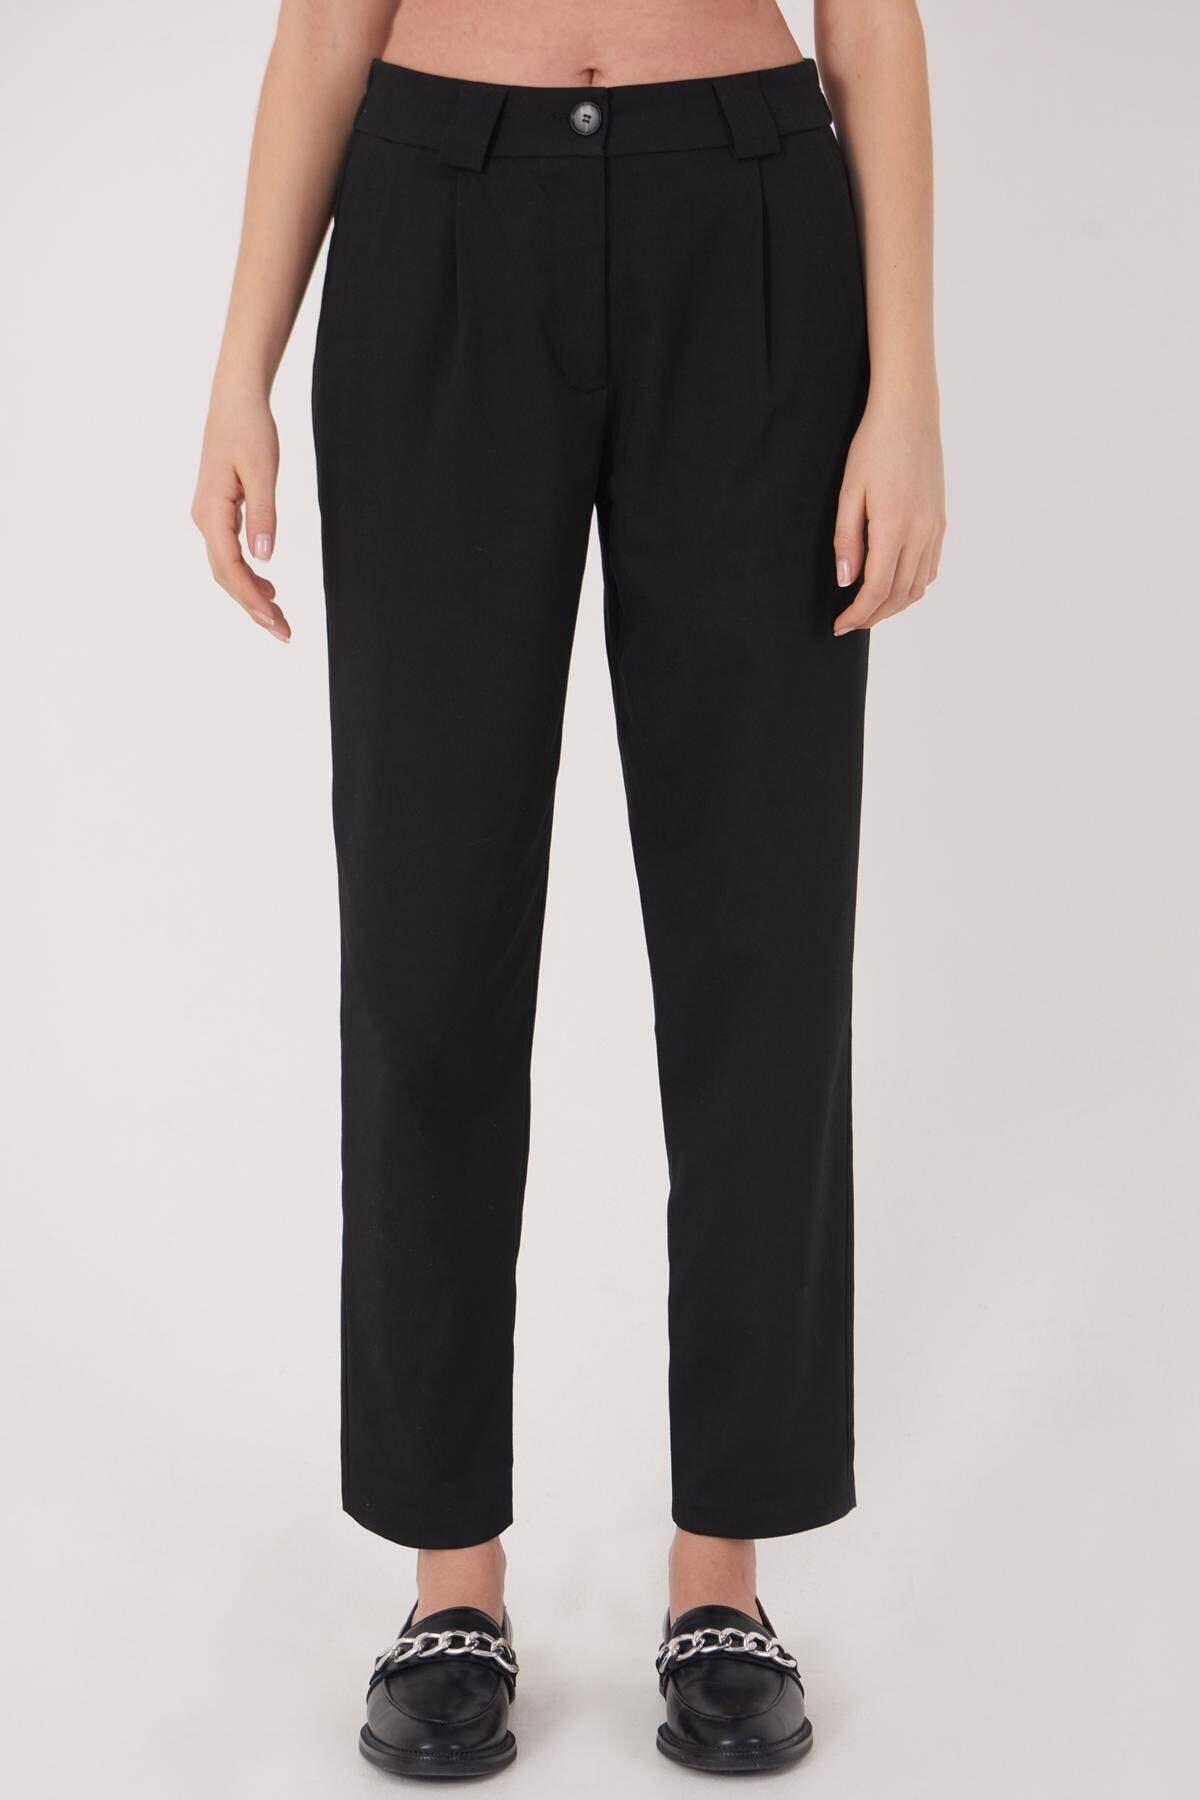 Addax Kadın Siyah Cep Detaylı Pantolon Pn8096 - E6 Adx-0000023579 0